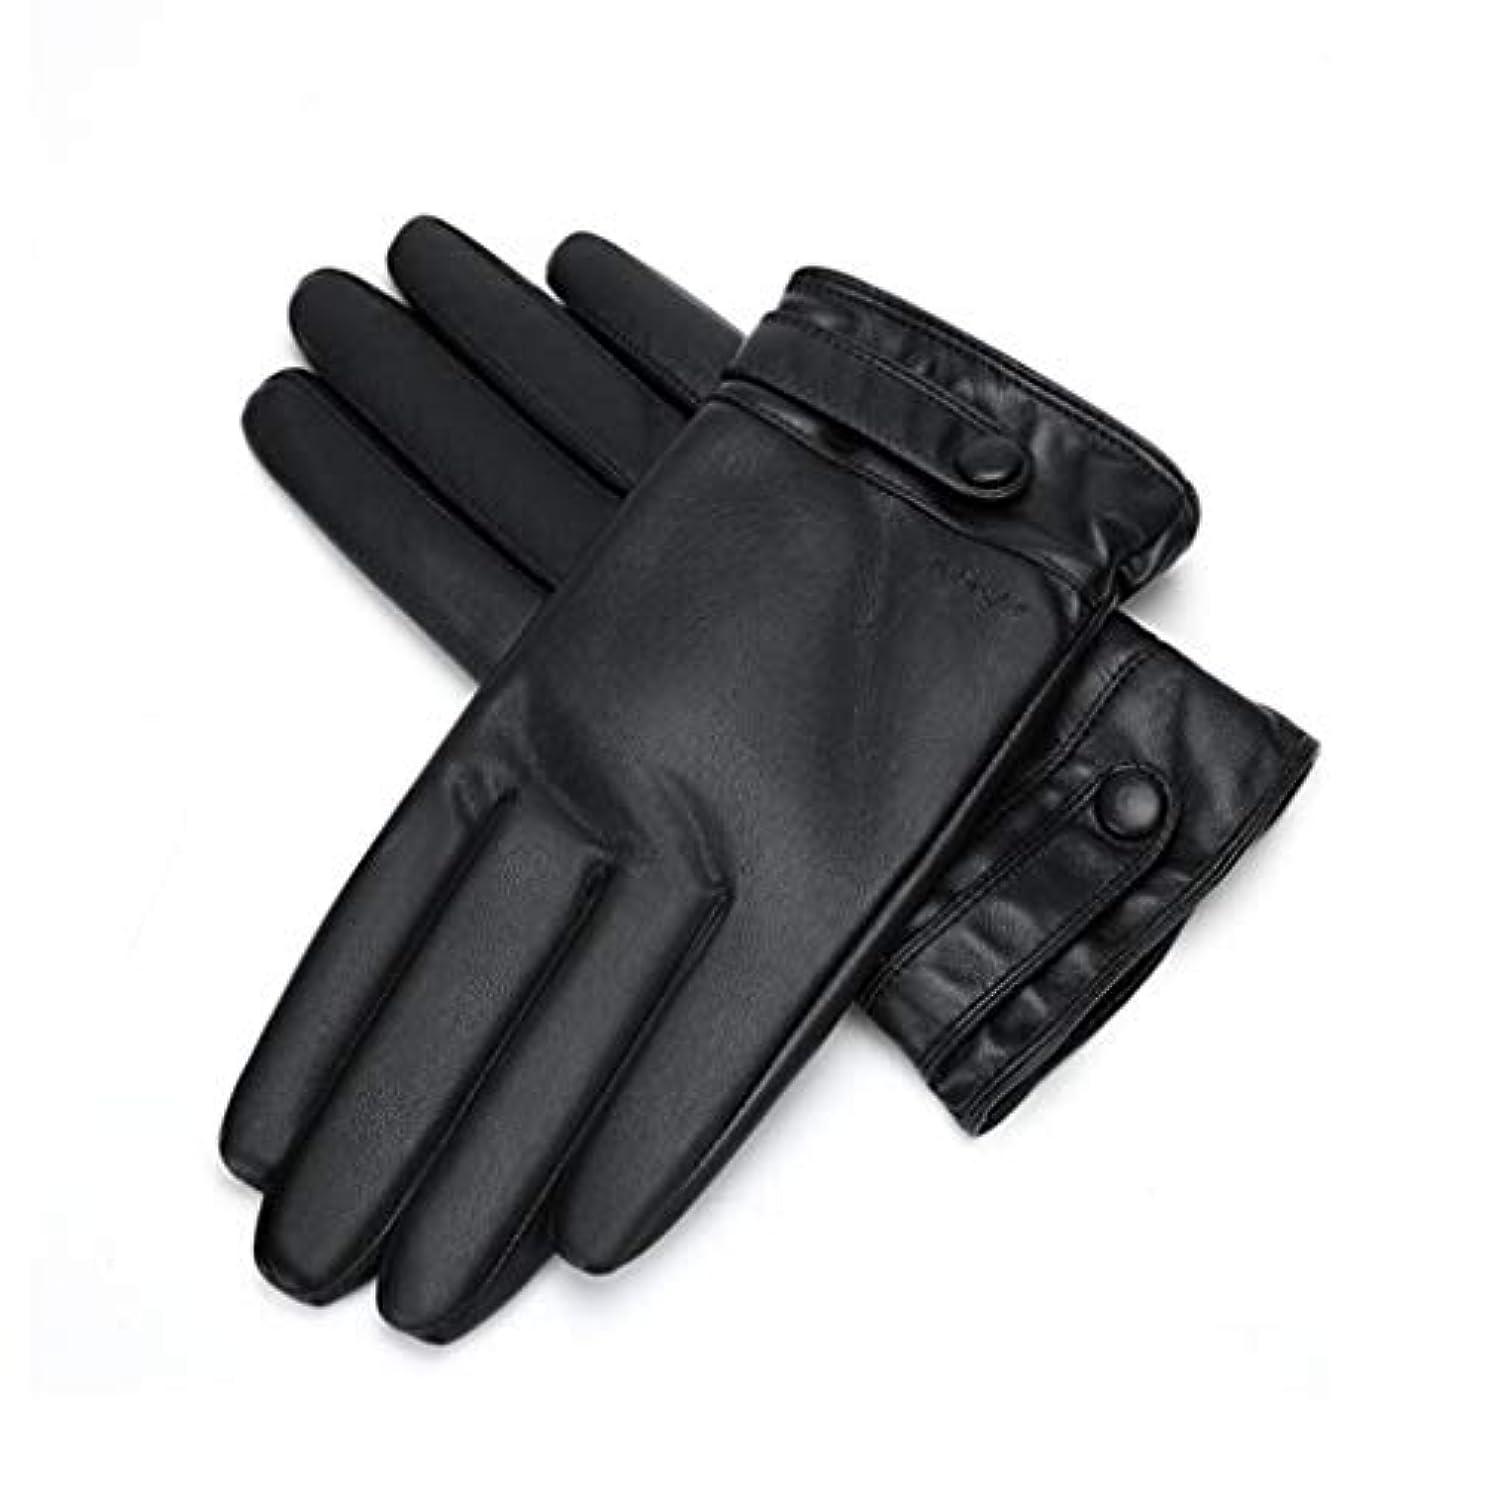 ライセンス意志に反する記述する暖かい秋と冬を保つためにメンズ革手袋のタッチスクリーンメンズ自転車厚いぬいぐるみ手袋 (サイズ さいず : L21*8.9cm)